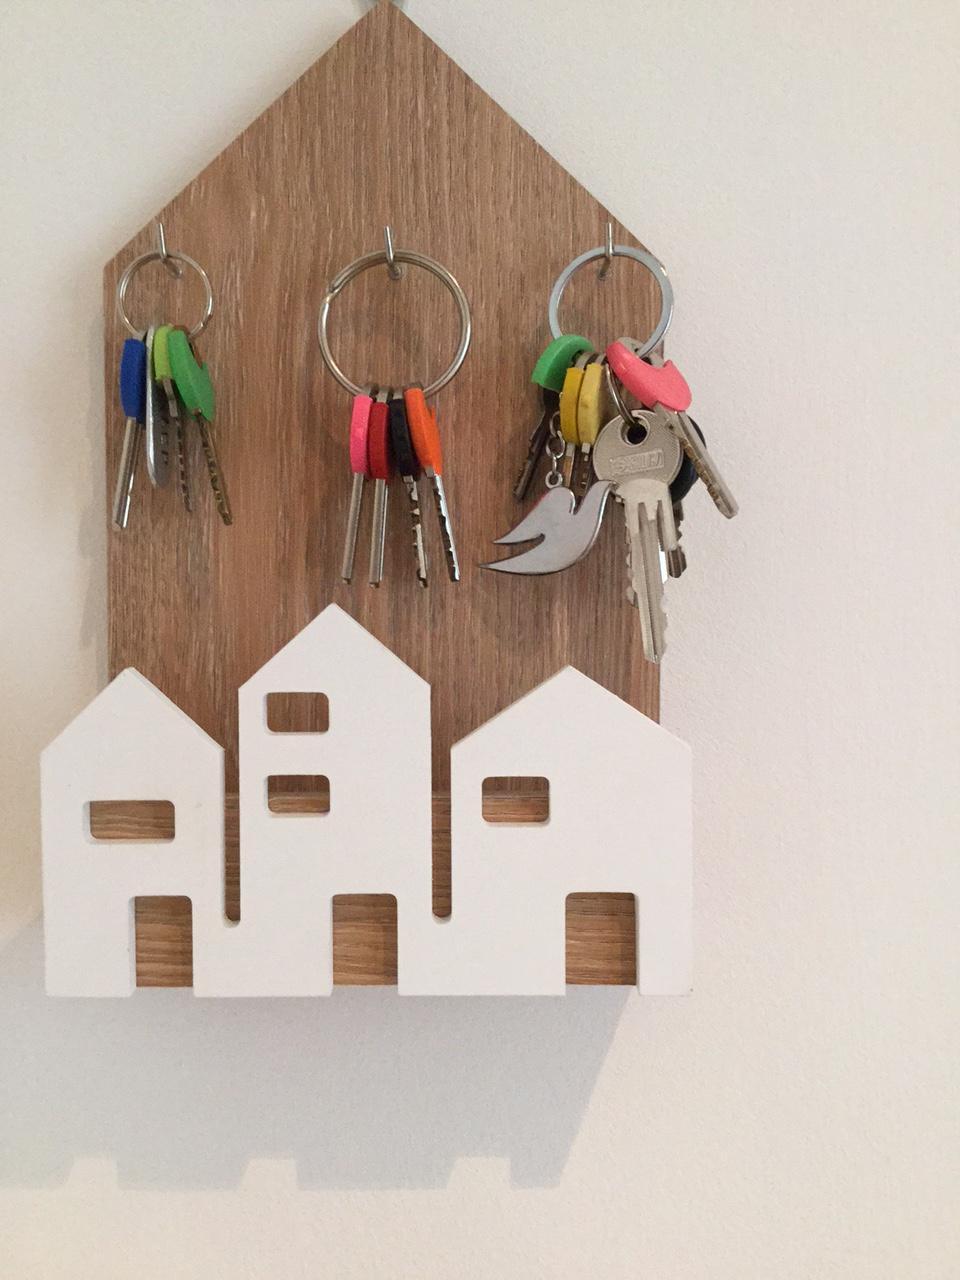 My lovely home 2+kk - Obrázek č. 105